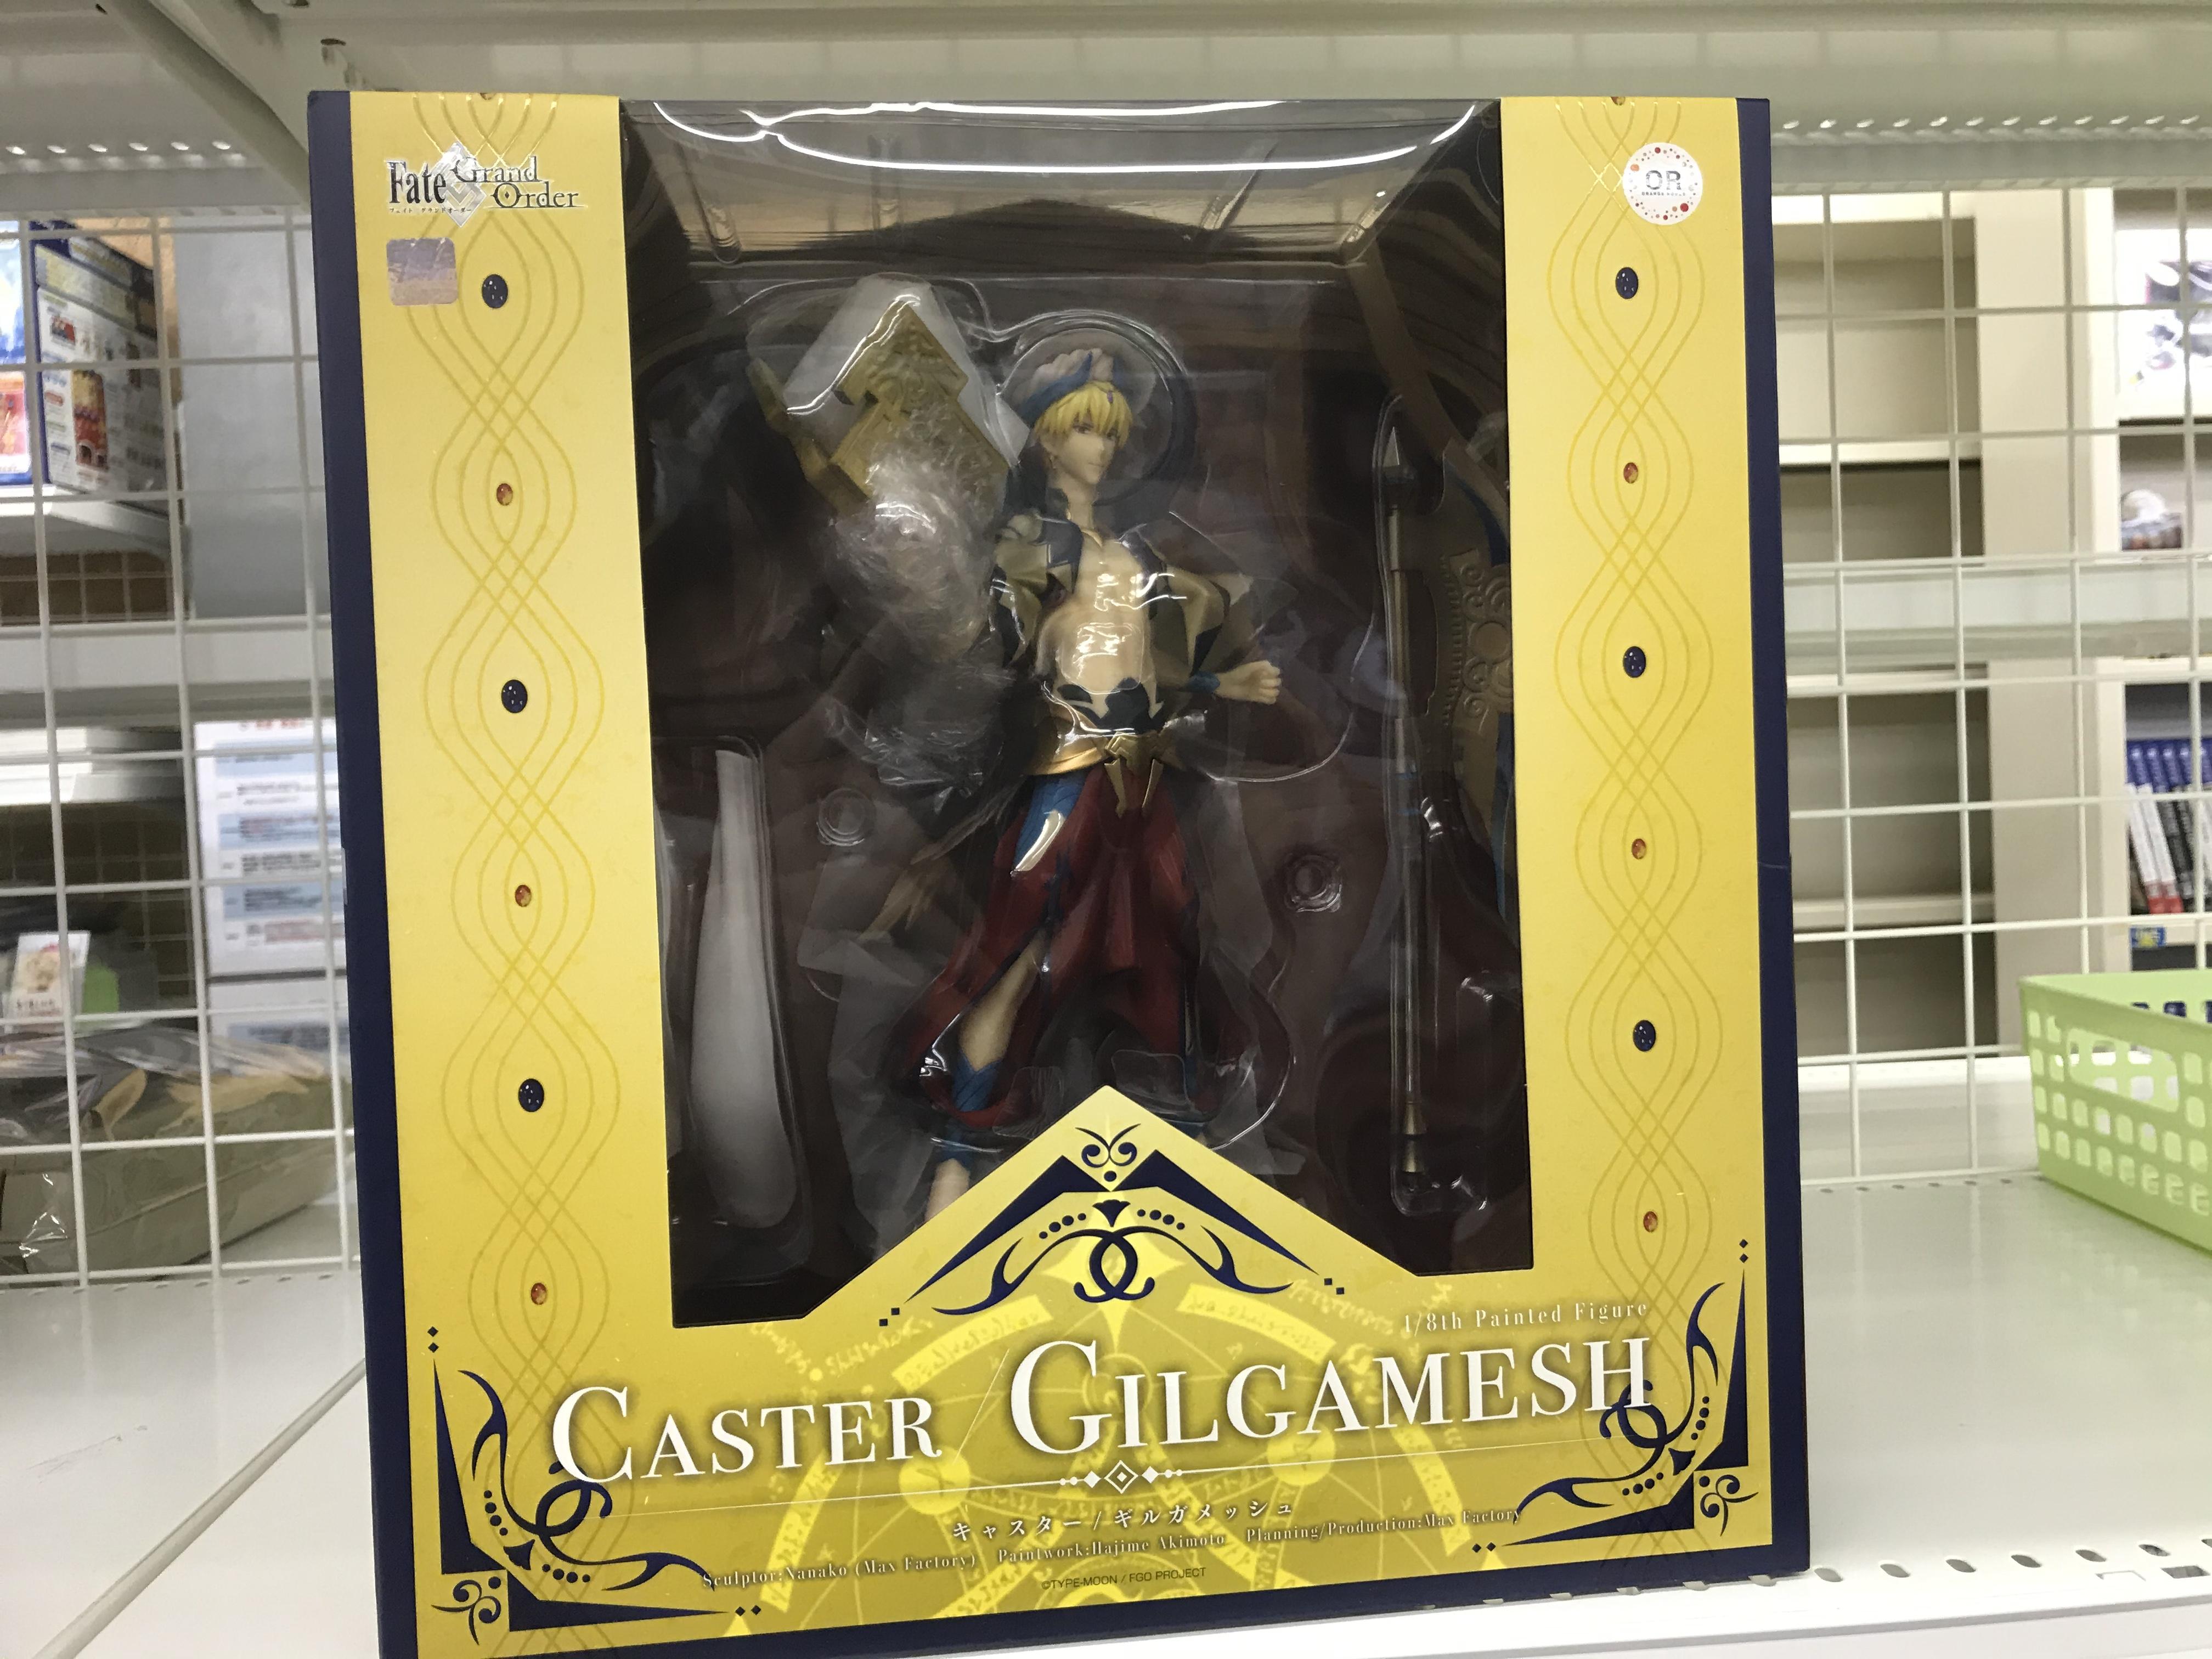 買取情報『オランジュ・ルージュのキャスター/ギルガメッシュ 「Fate/Grand Order」 1/8 ABS&PVC製塗装済み完成品』